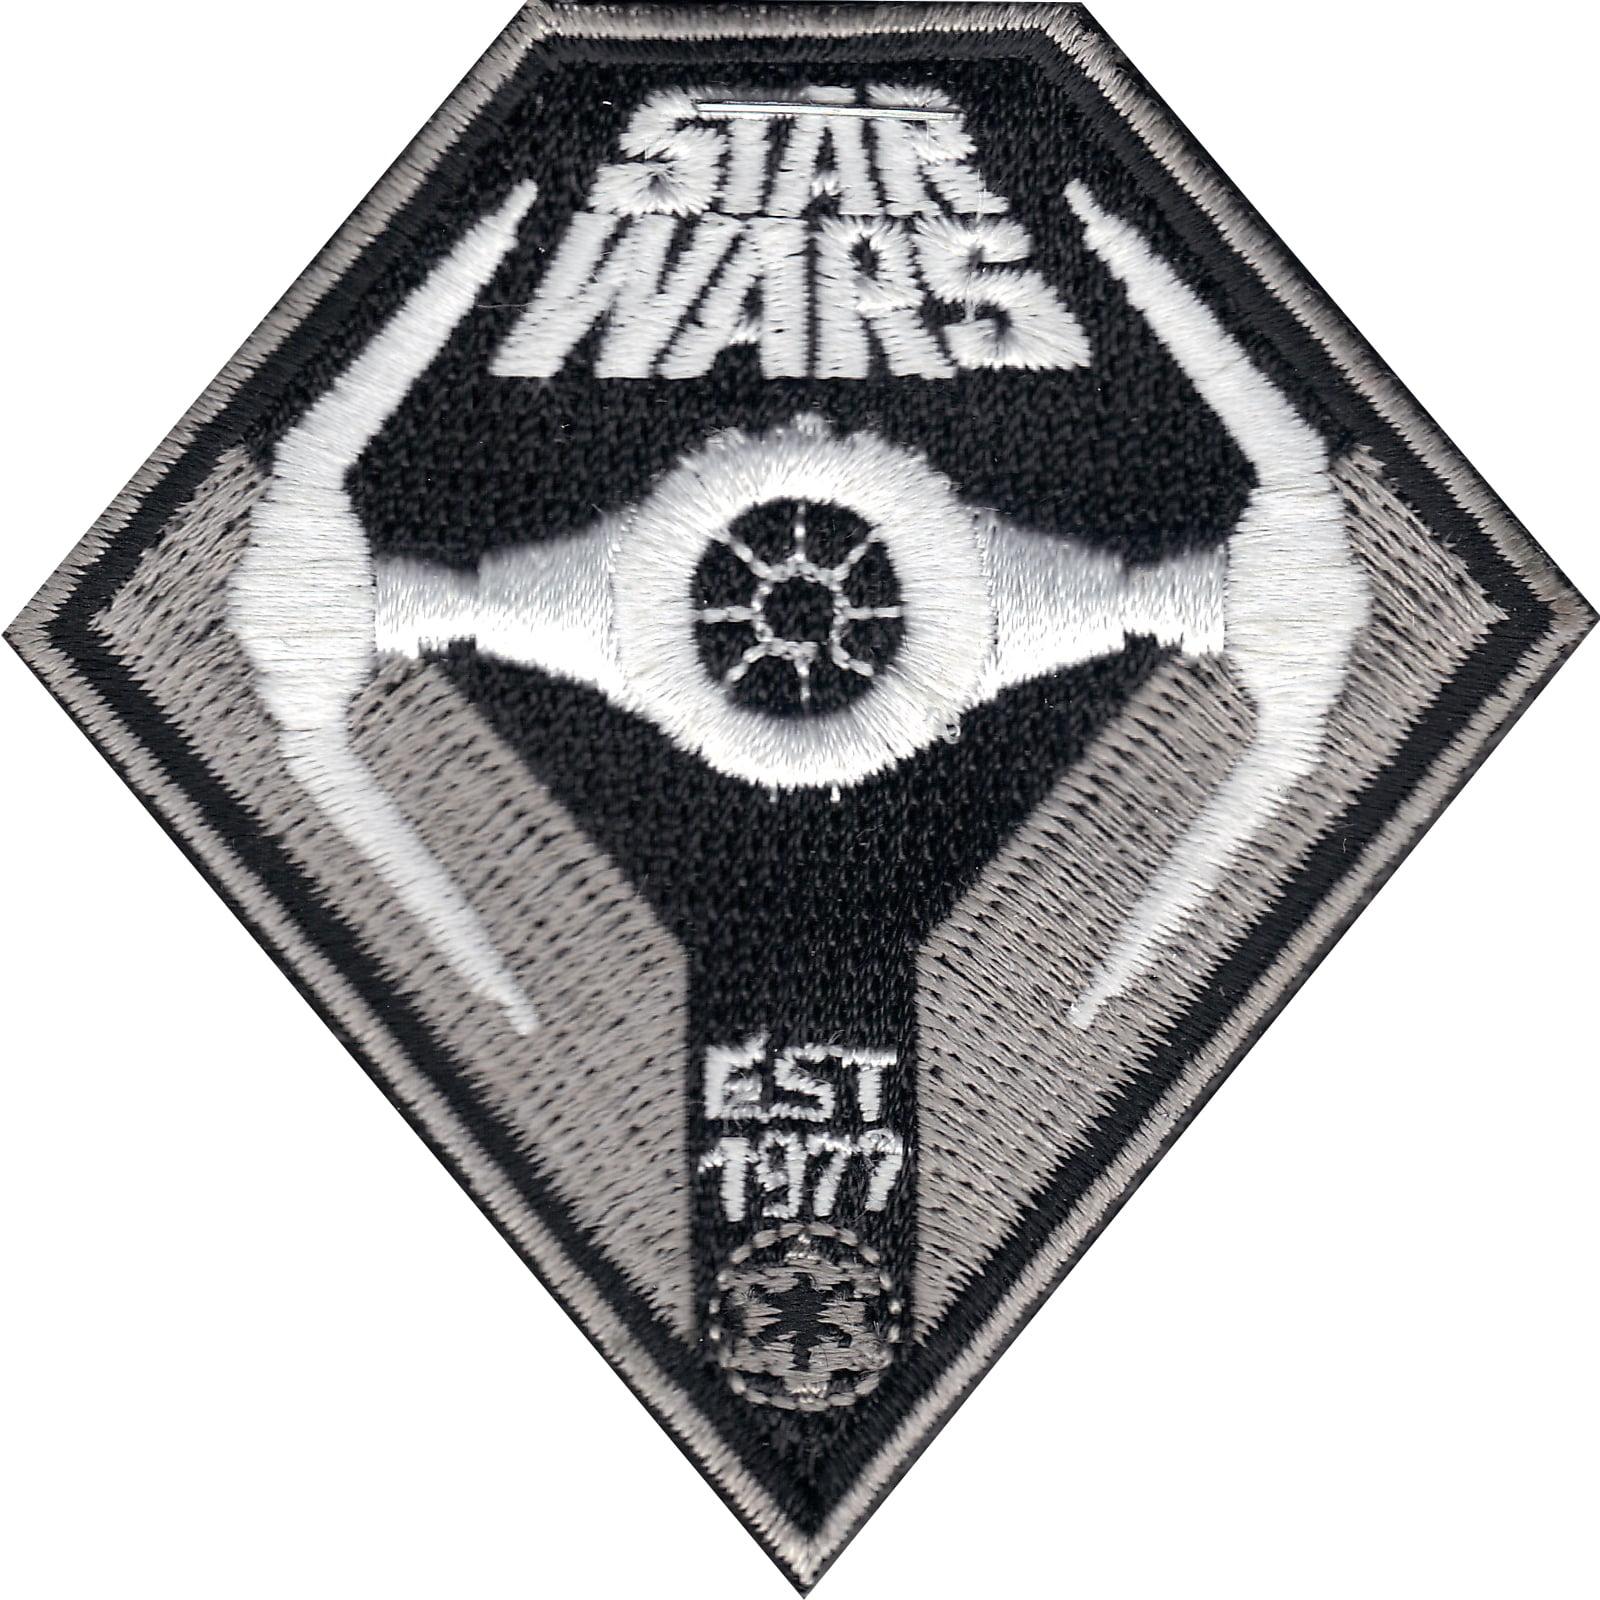 Star Wars Tie Interceptor 'Est 1977' Iron On Patch